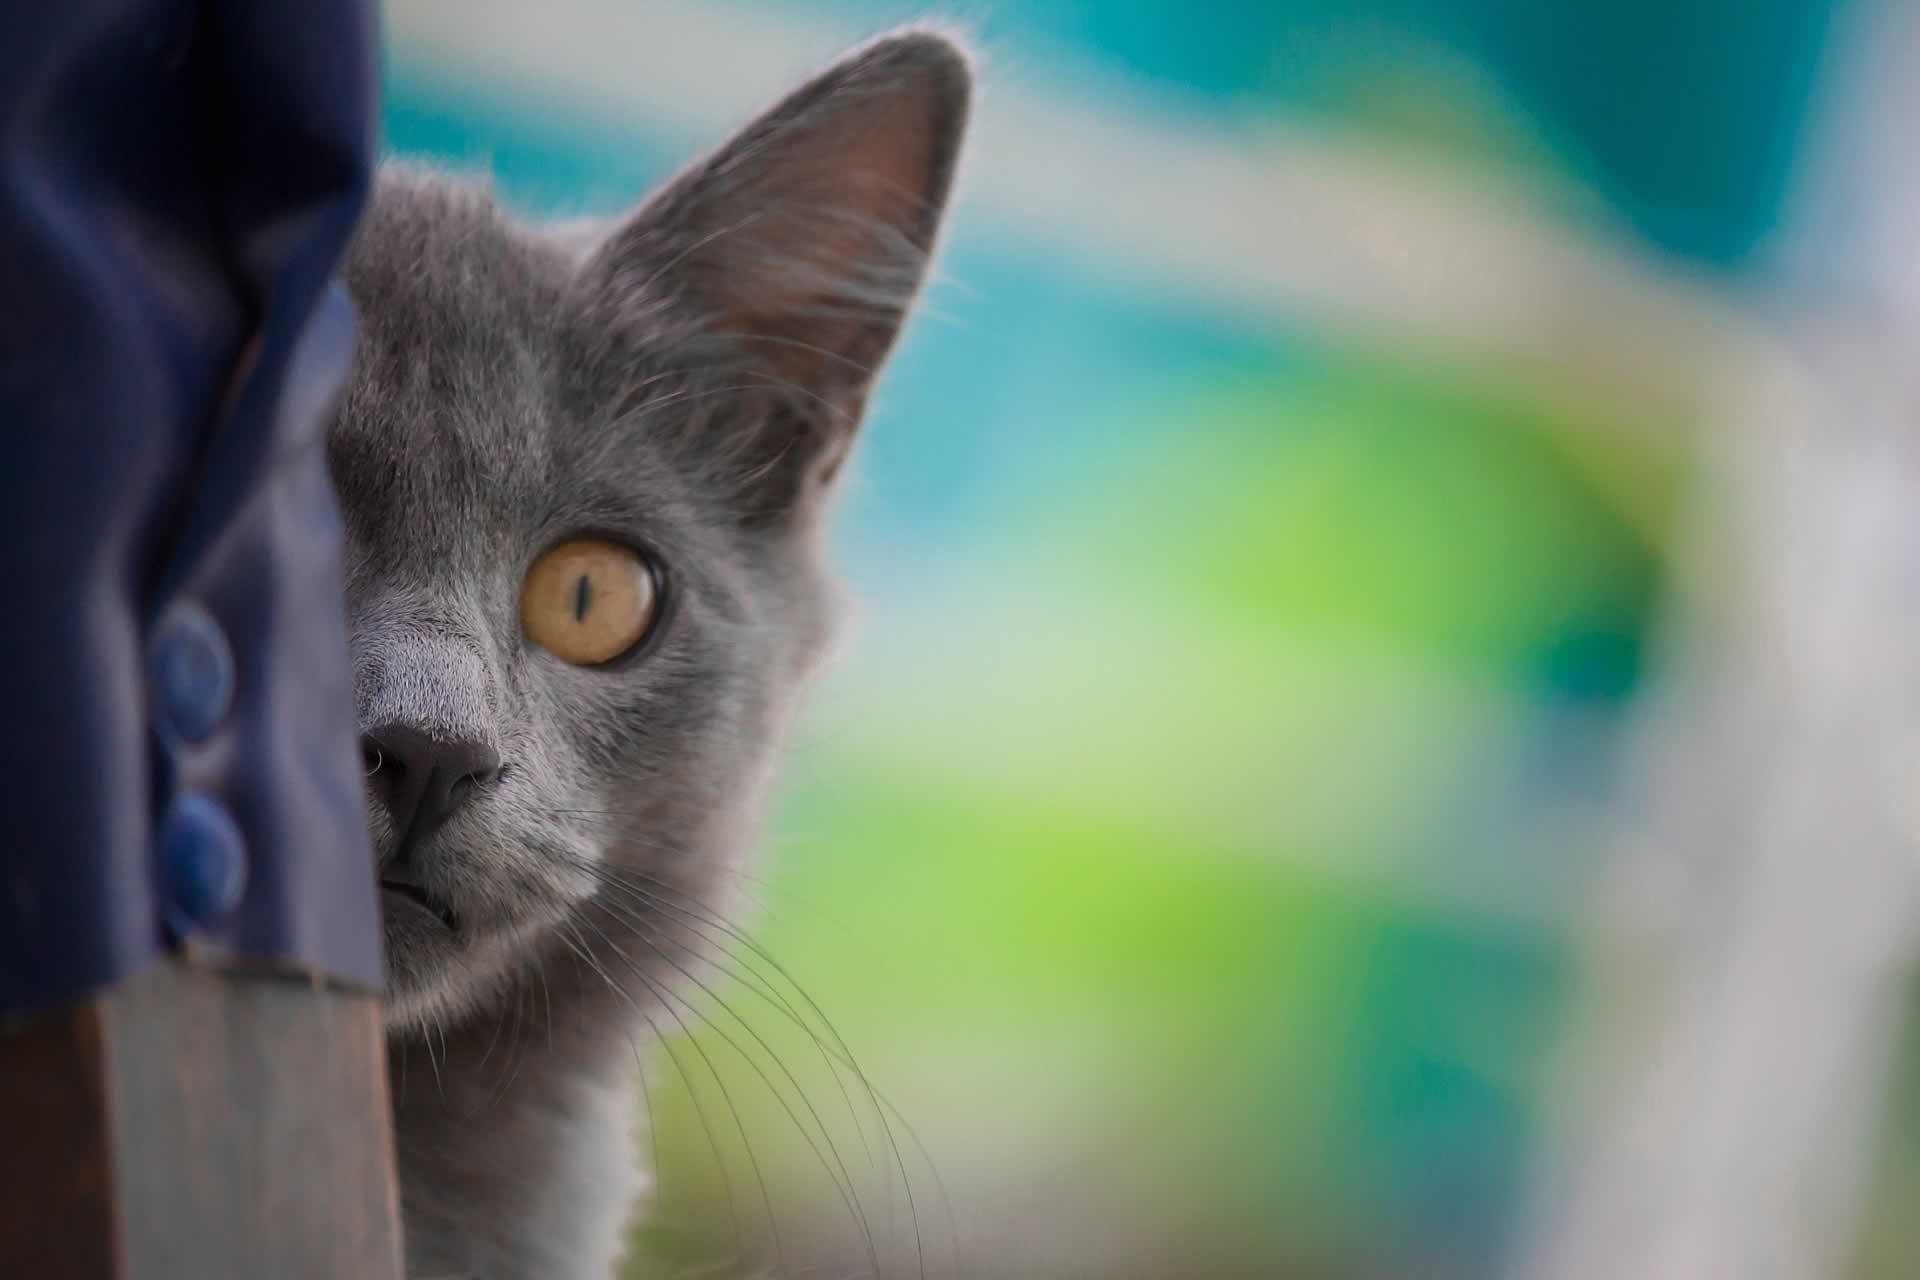 gato-espiando-alexis-pixabay